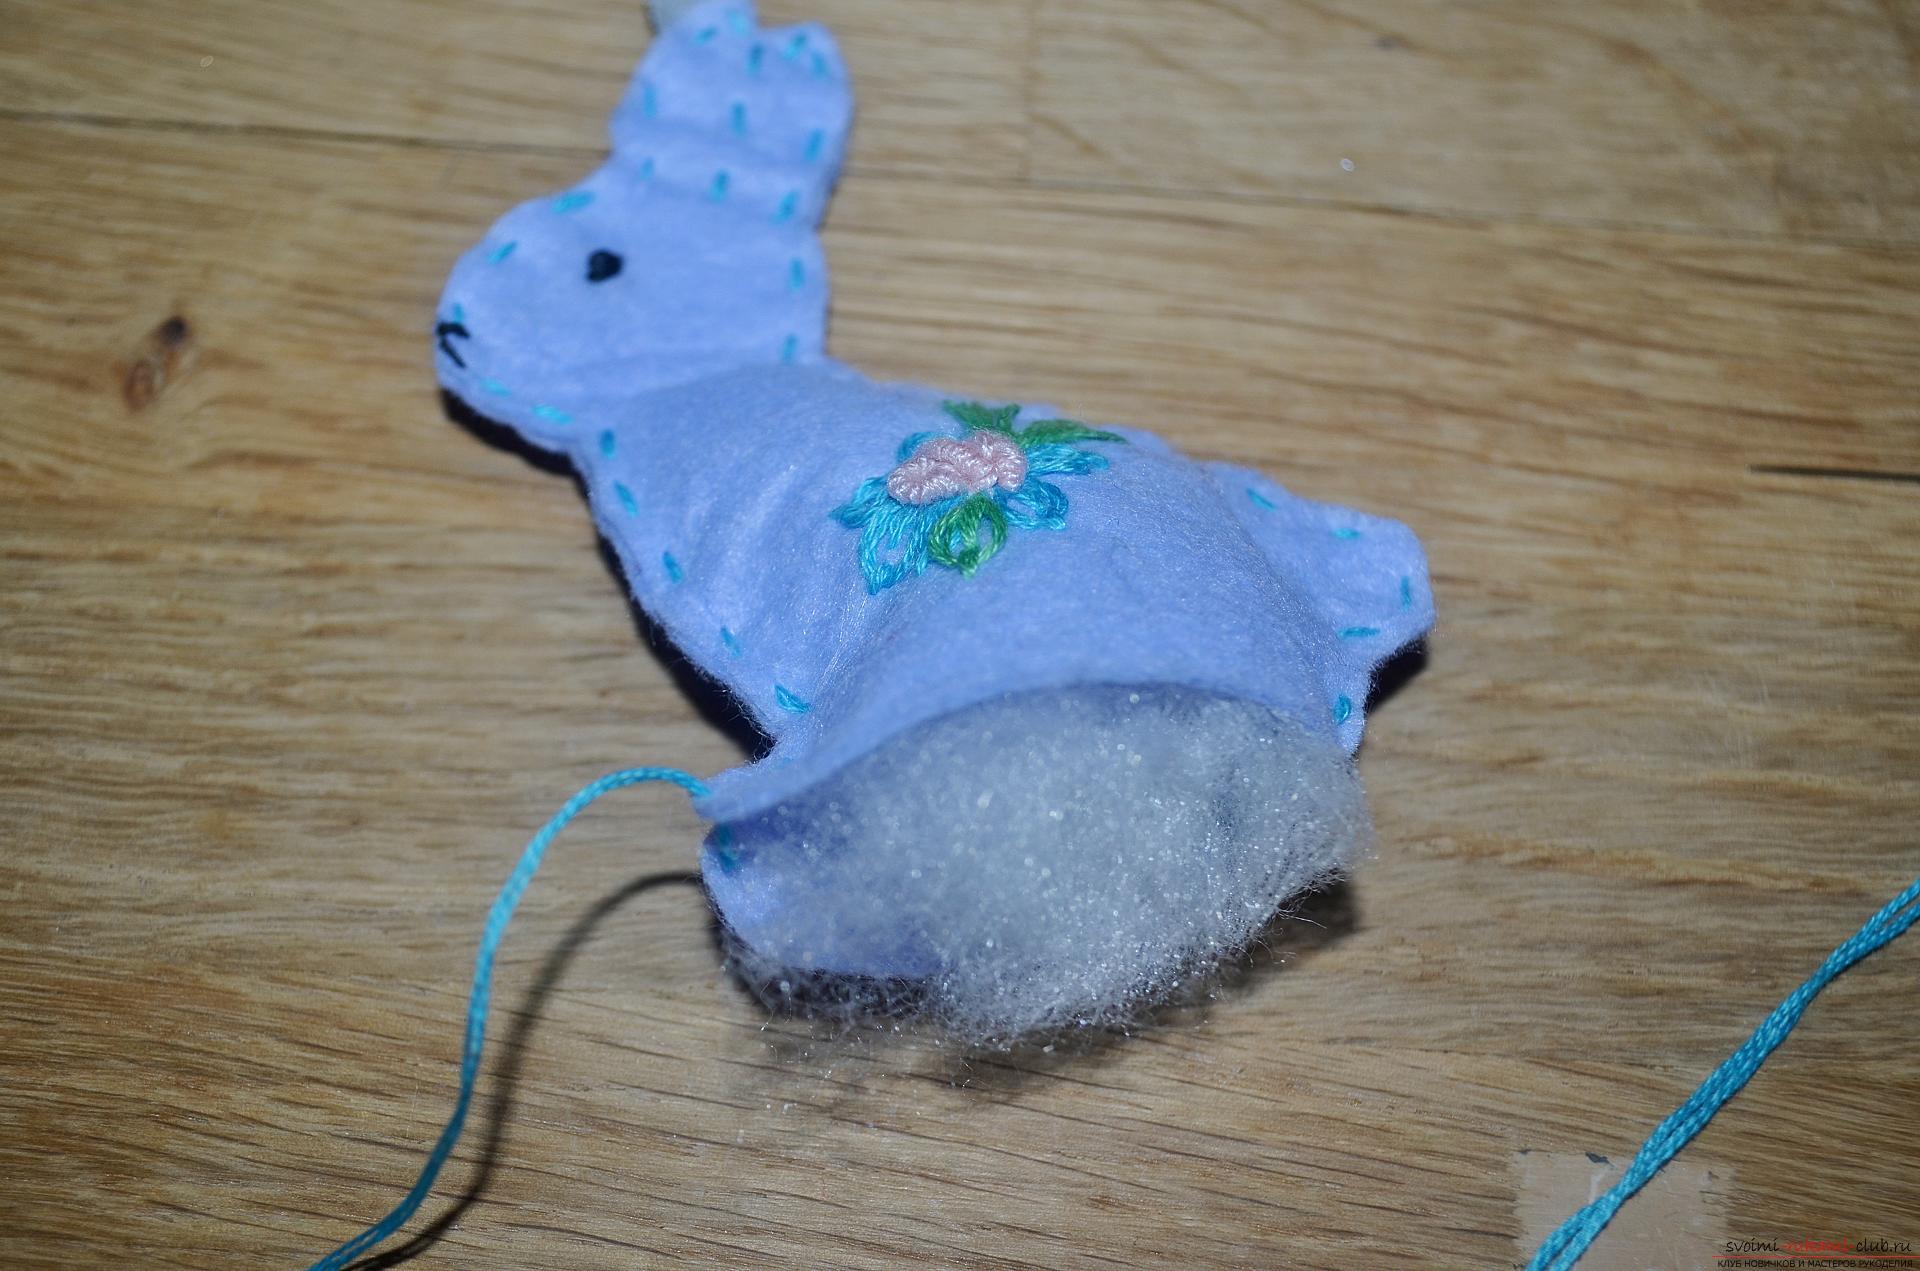 Этот мастер-класс научит как сделать пасхального кролика из фетра своими руками.. Фото №13